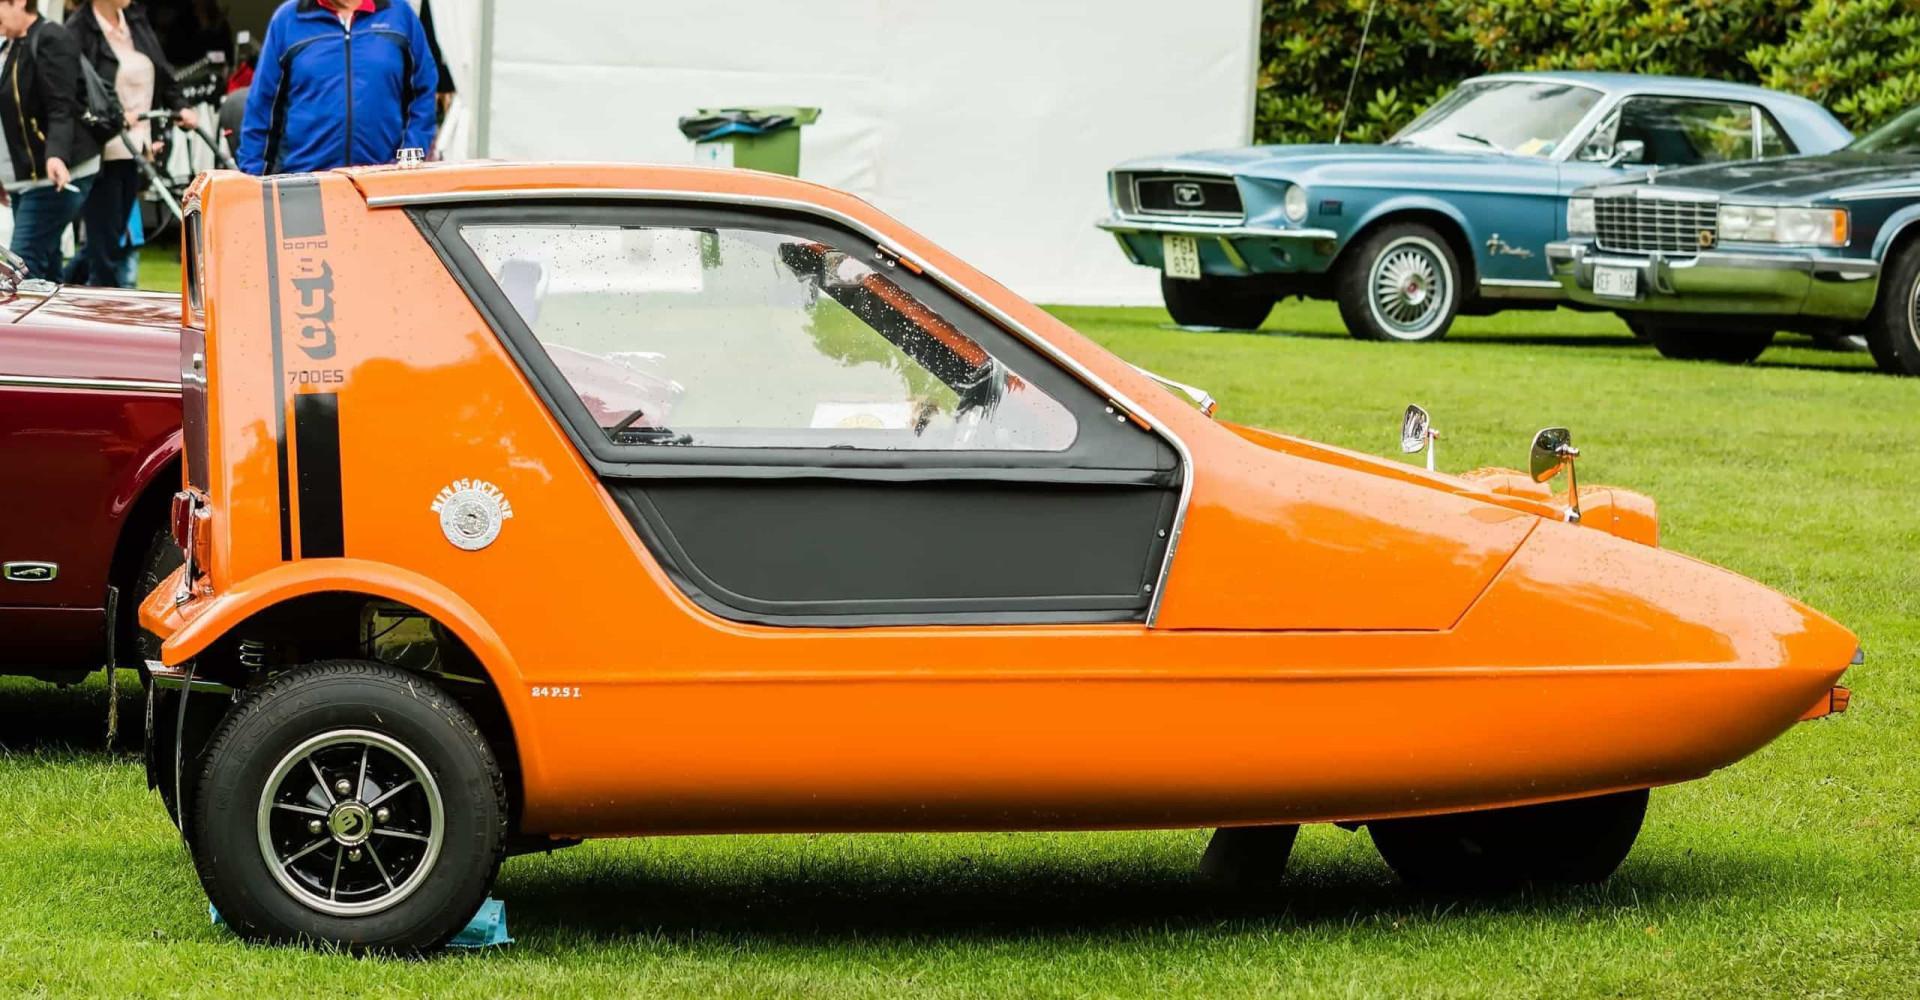 Estos son los coches más raros de la historia